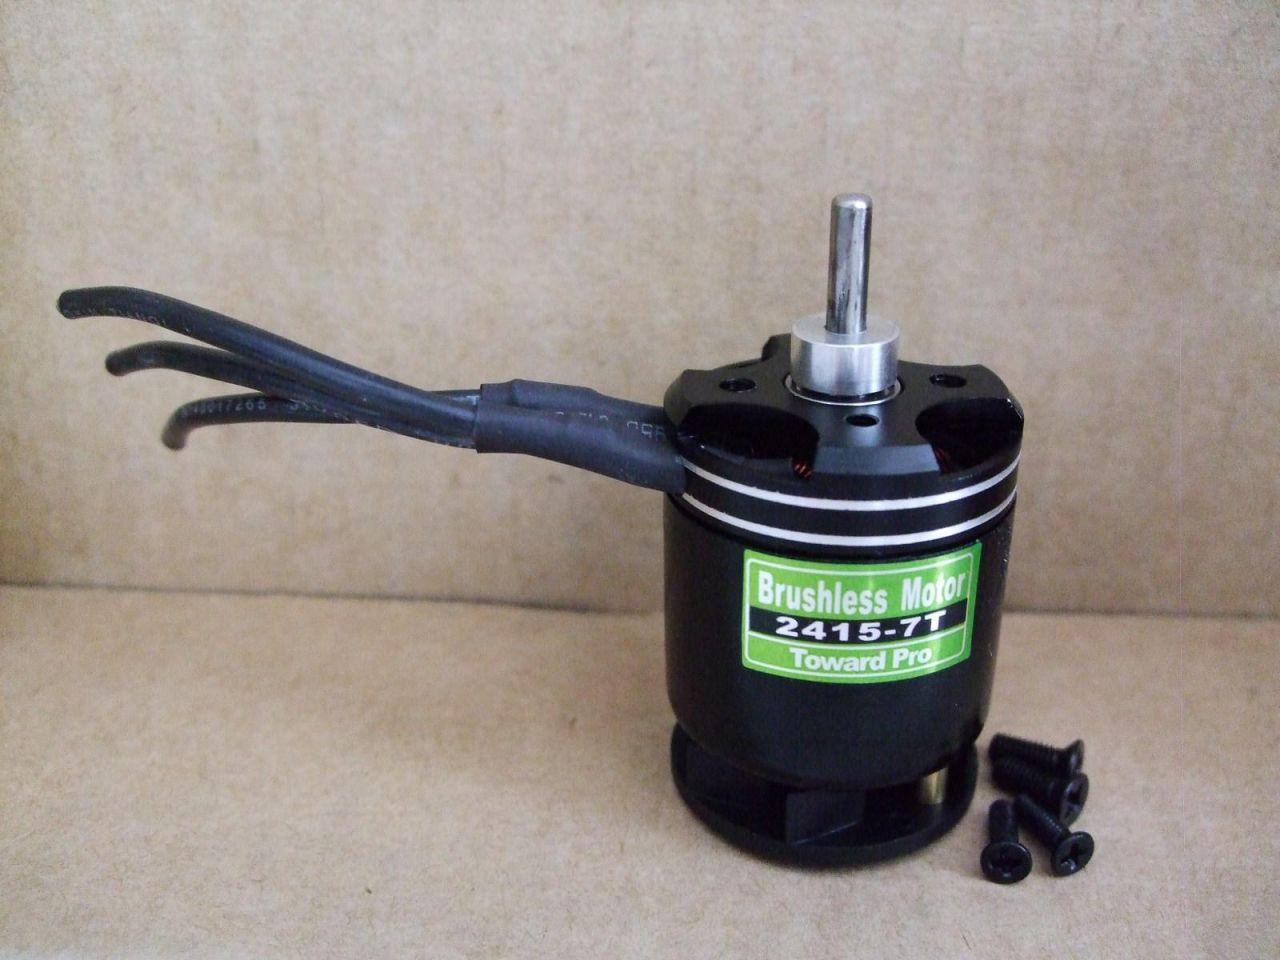 Brushless Heli Motor TP 2415-07T 3850kv